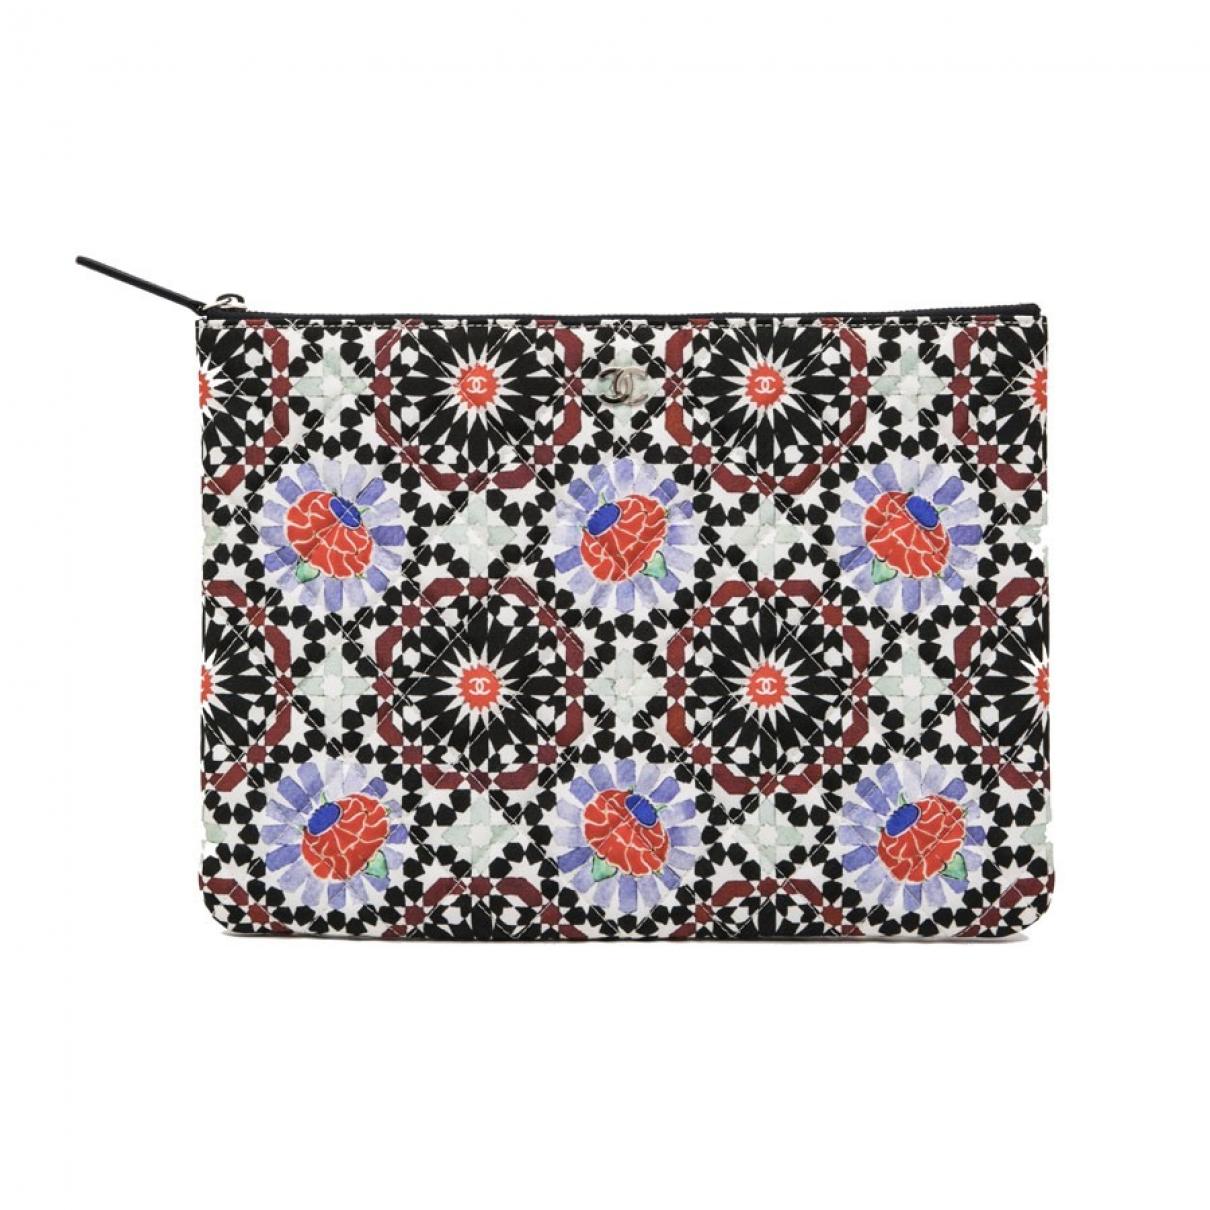 Chanel \N Multicolour Cloth Clutch bag for Women \N